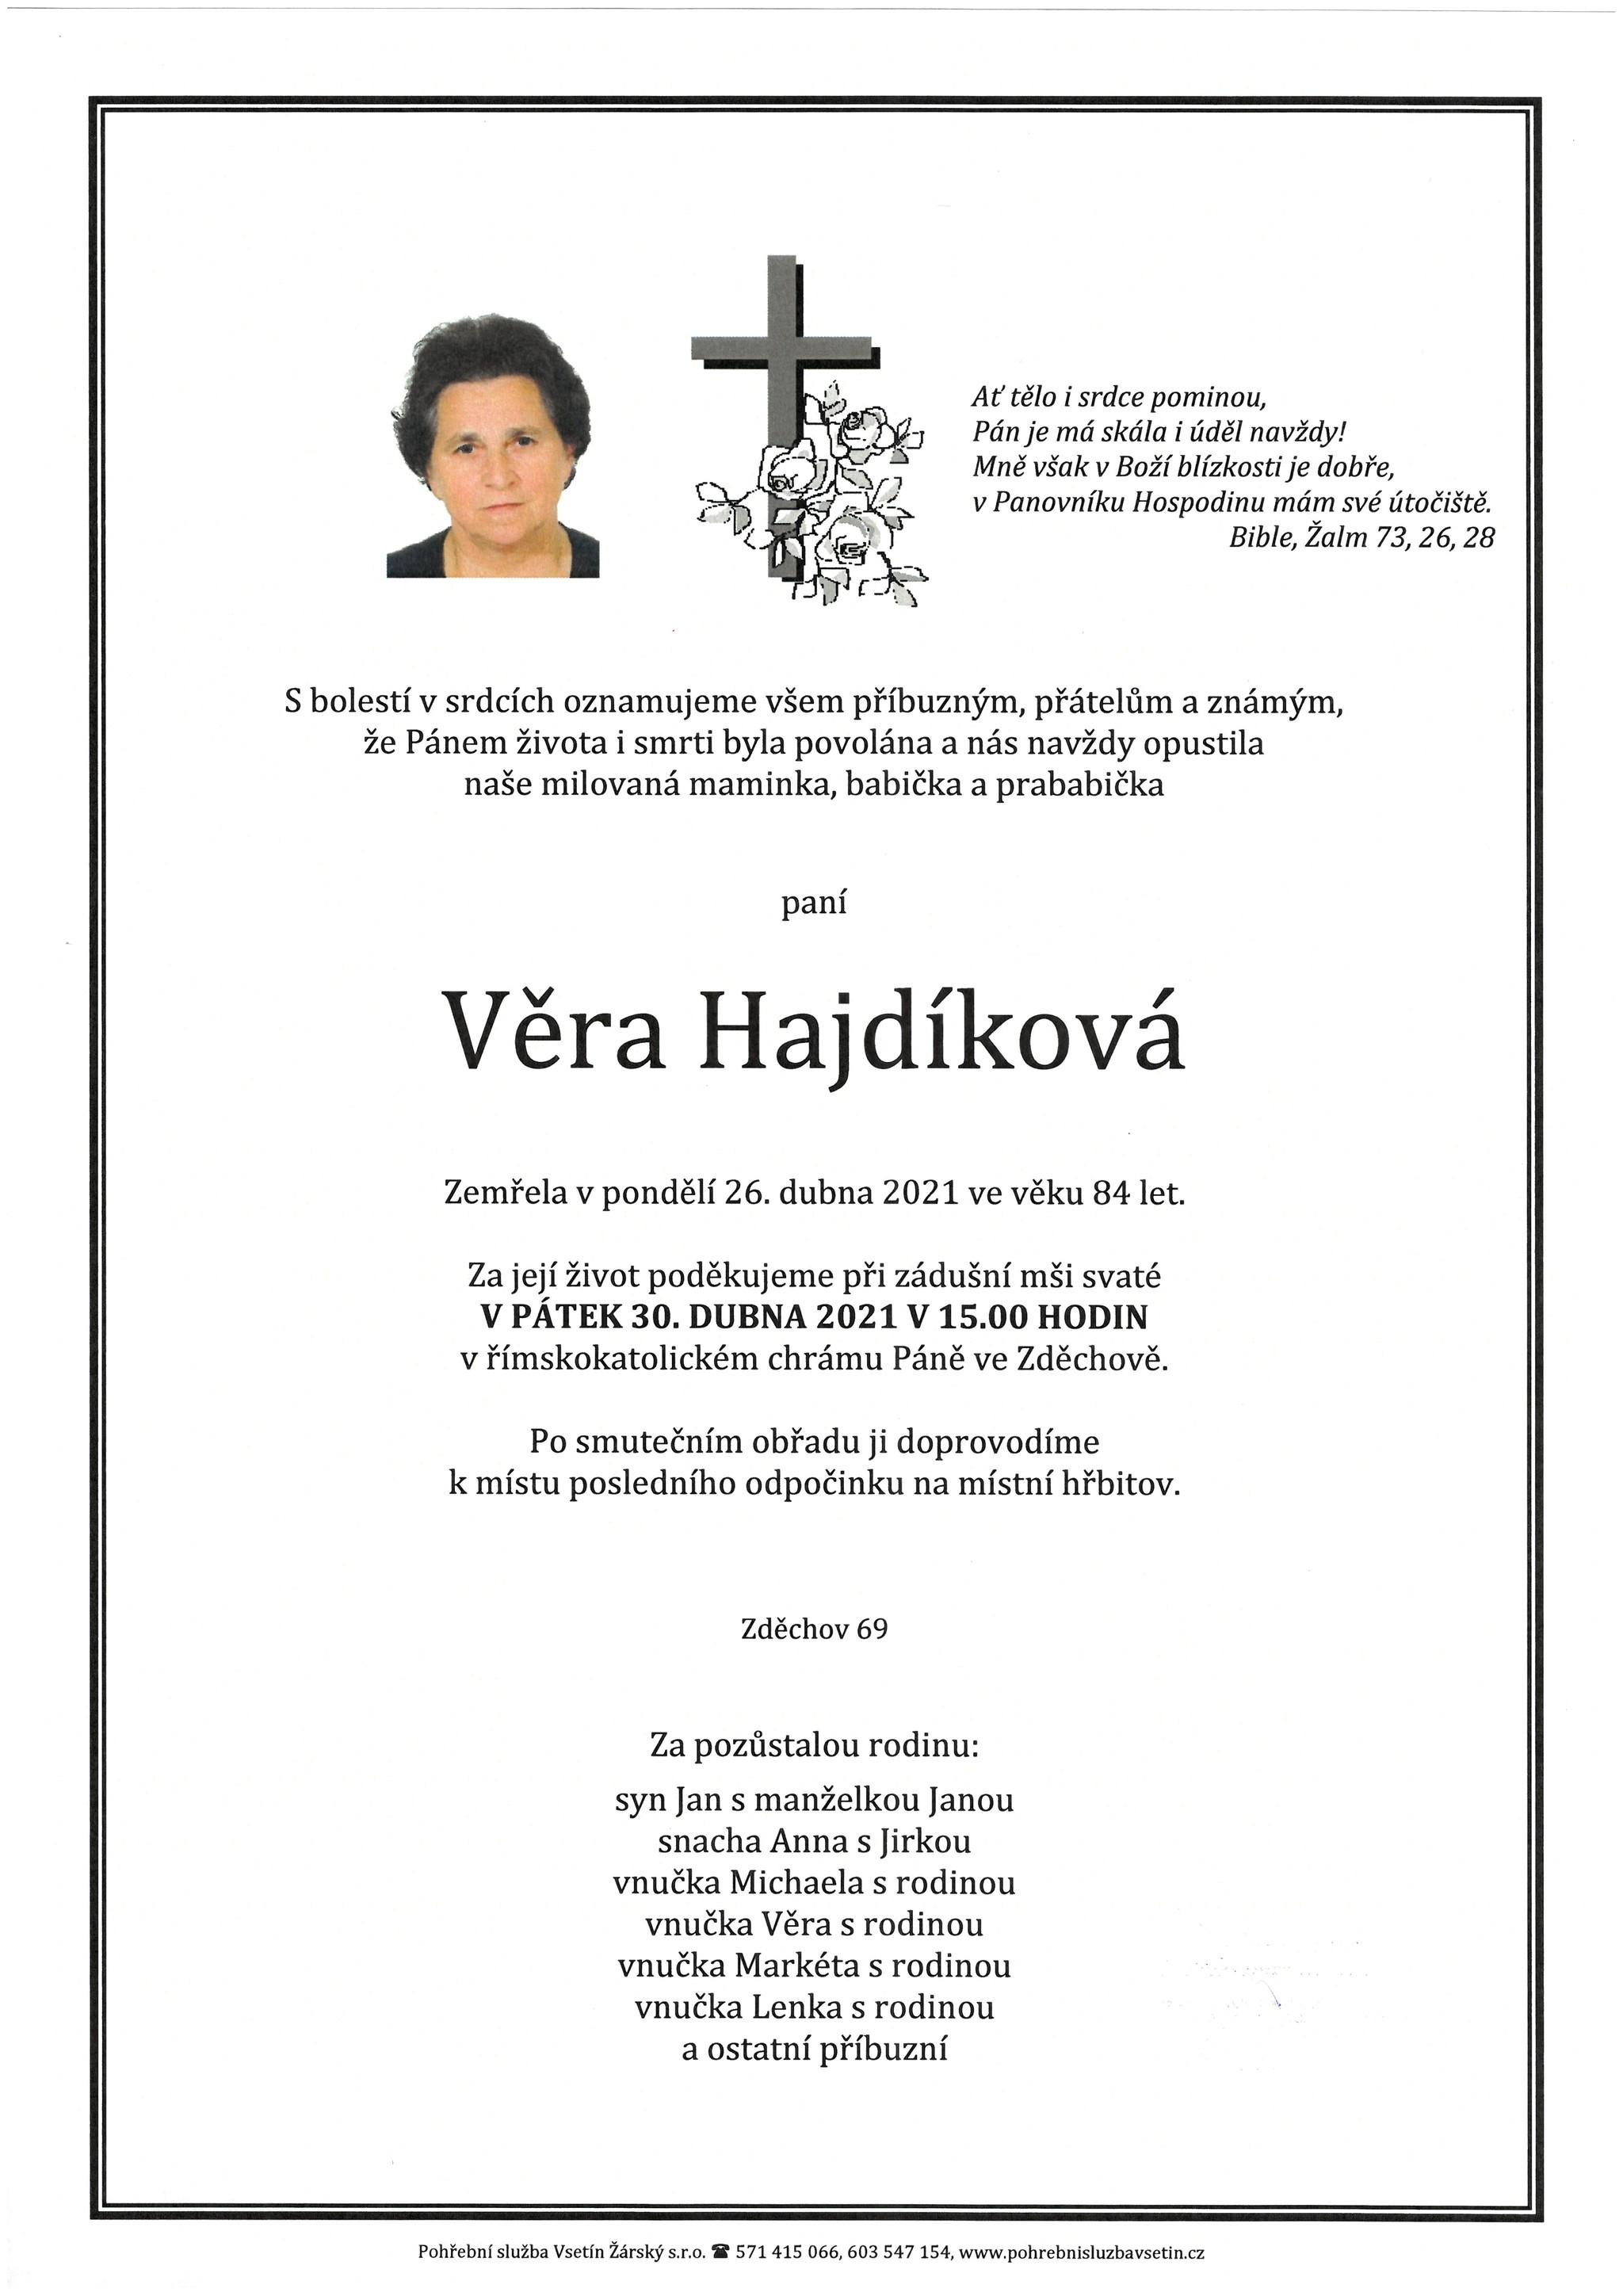 Věra Hajdíková